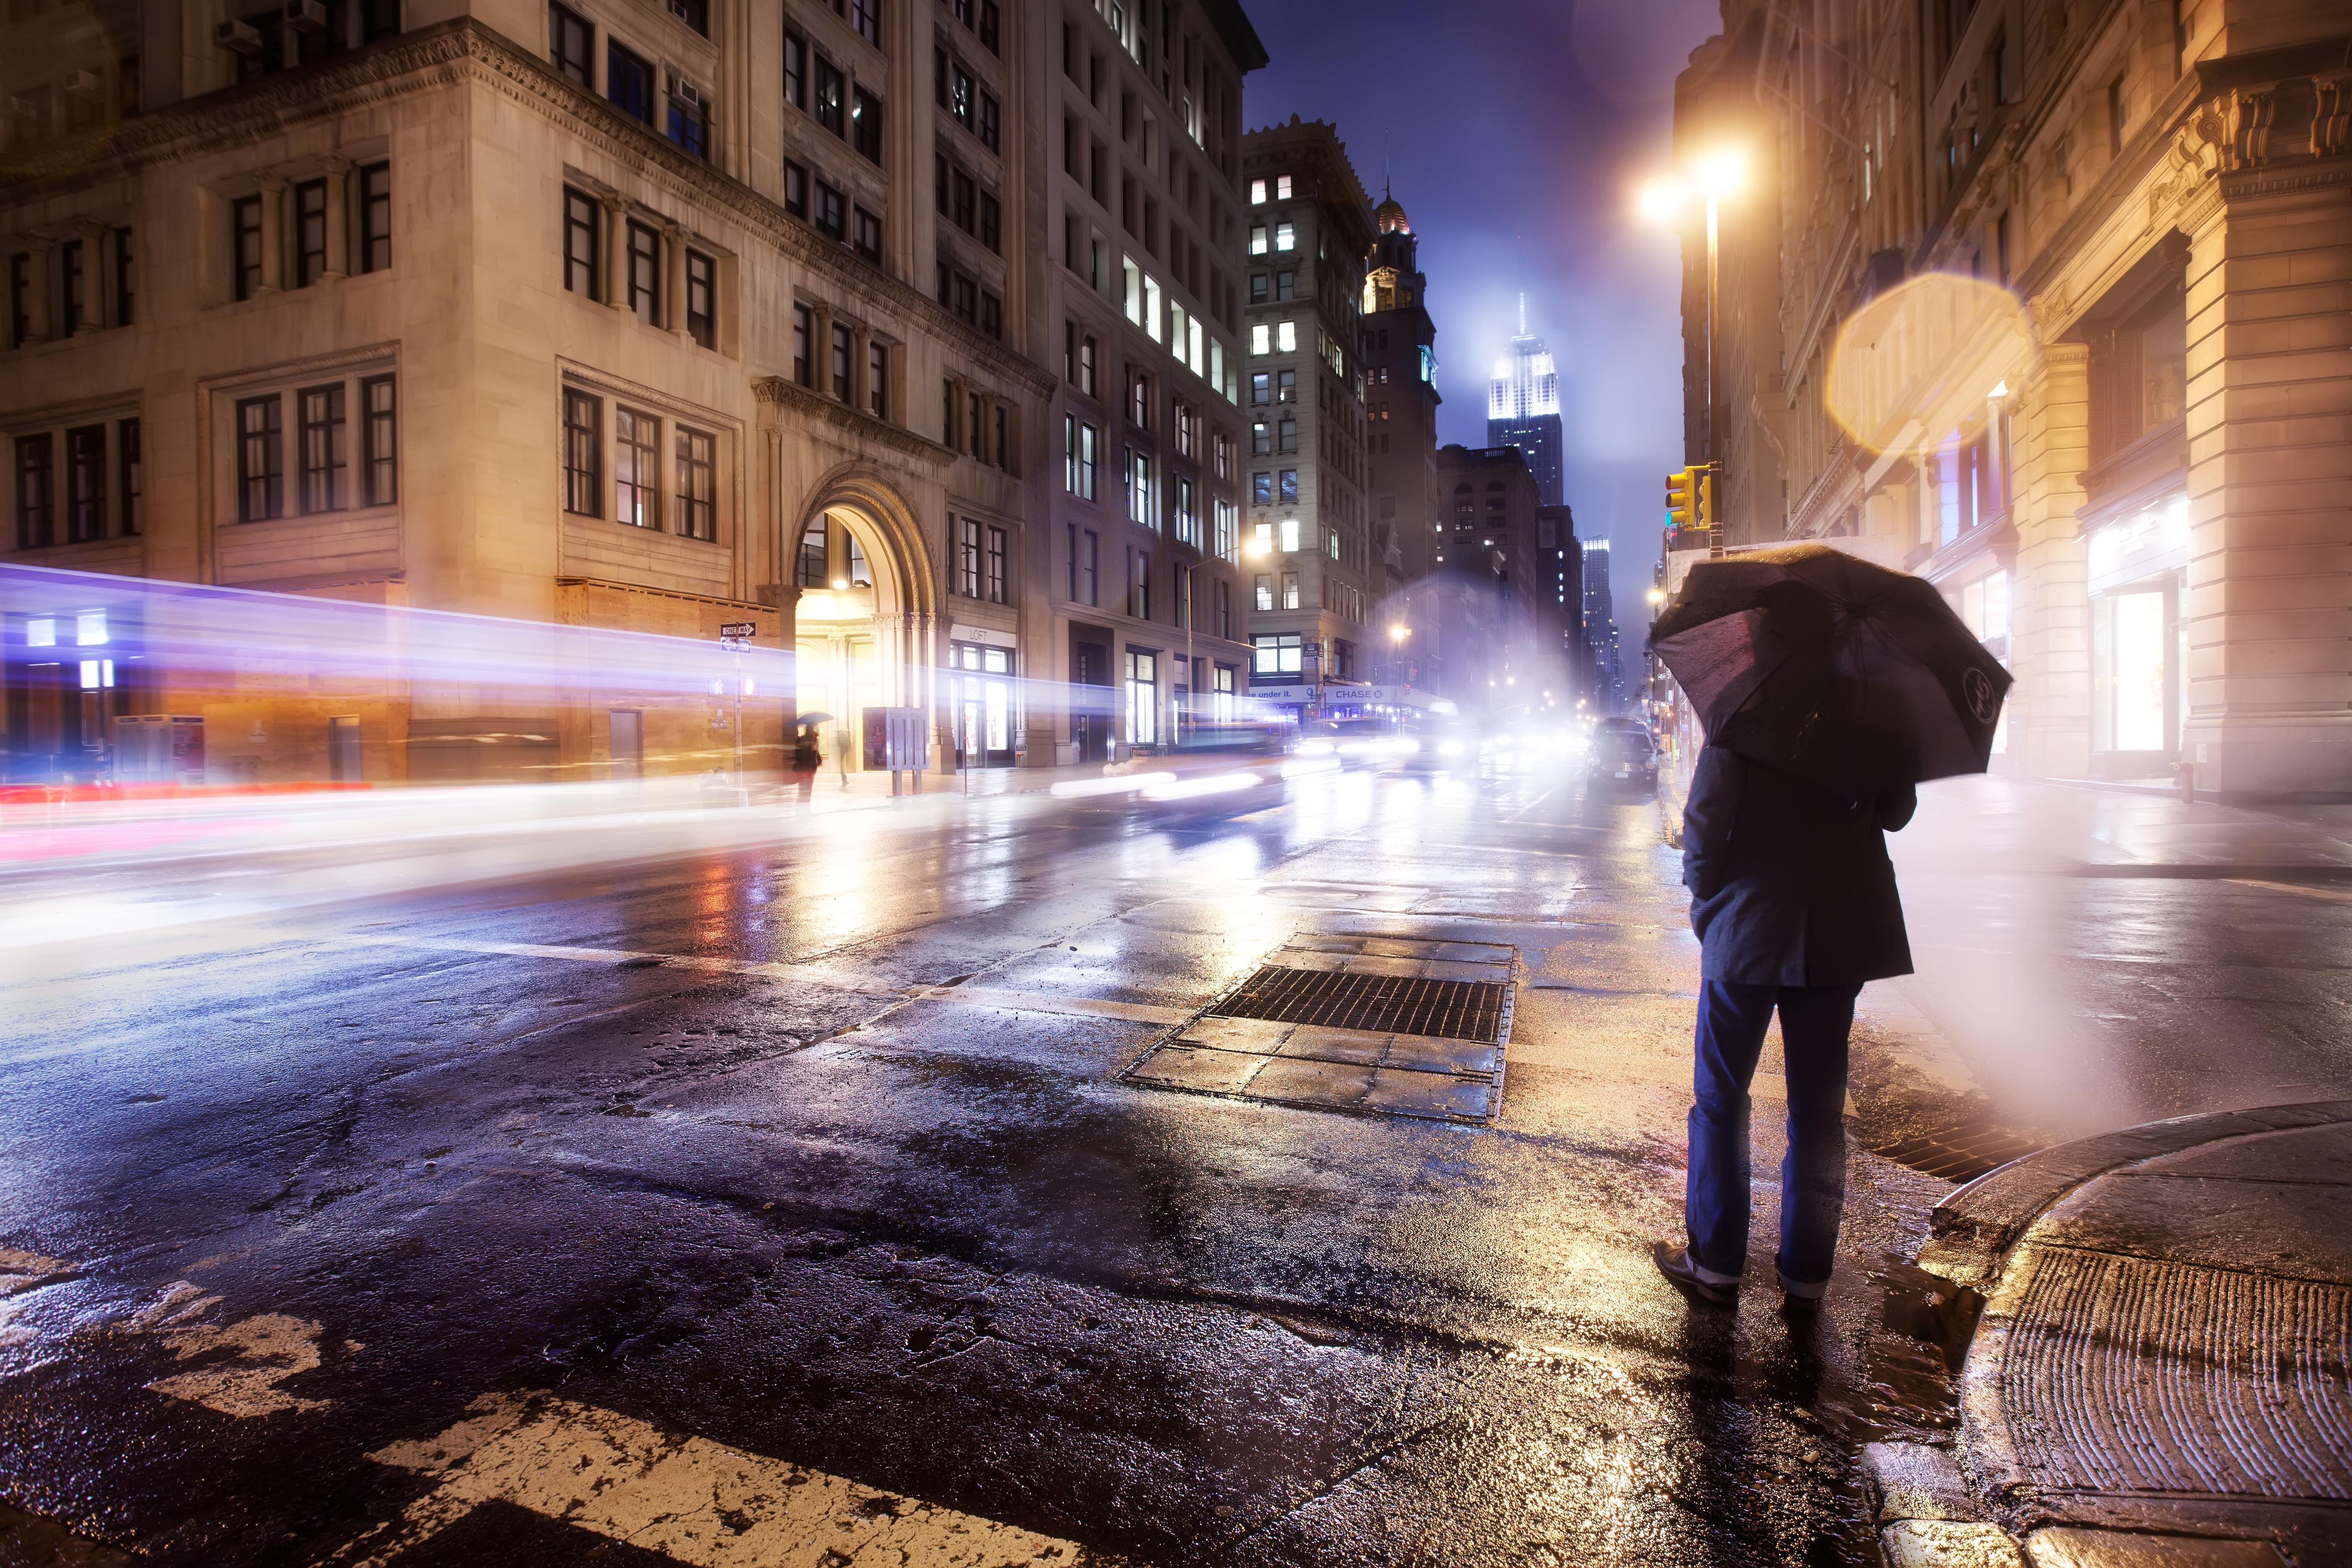 51926壁紙のダウンロードその他, 雑, 市, 都市, ナイト, 主に曇り, どんよりした, 孤独, 寂しさ, おとこ, 男, 傘-スクリーンセーバーと写真を無料で